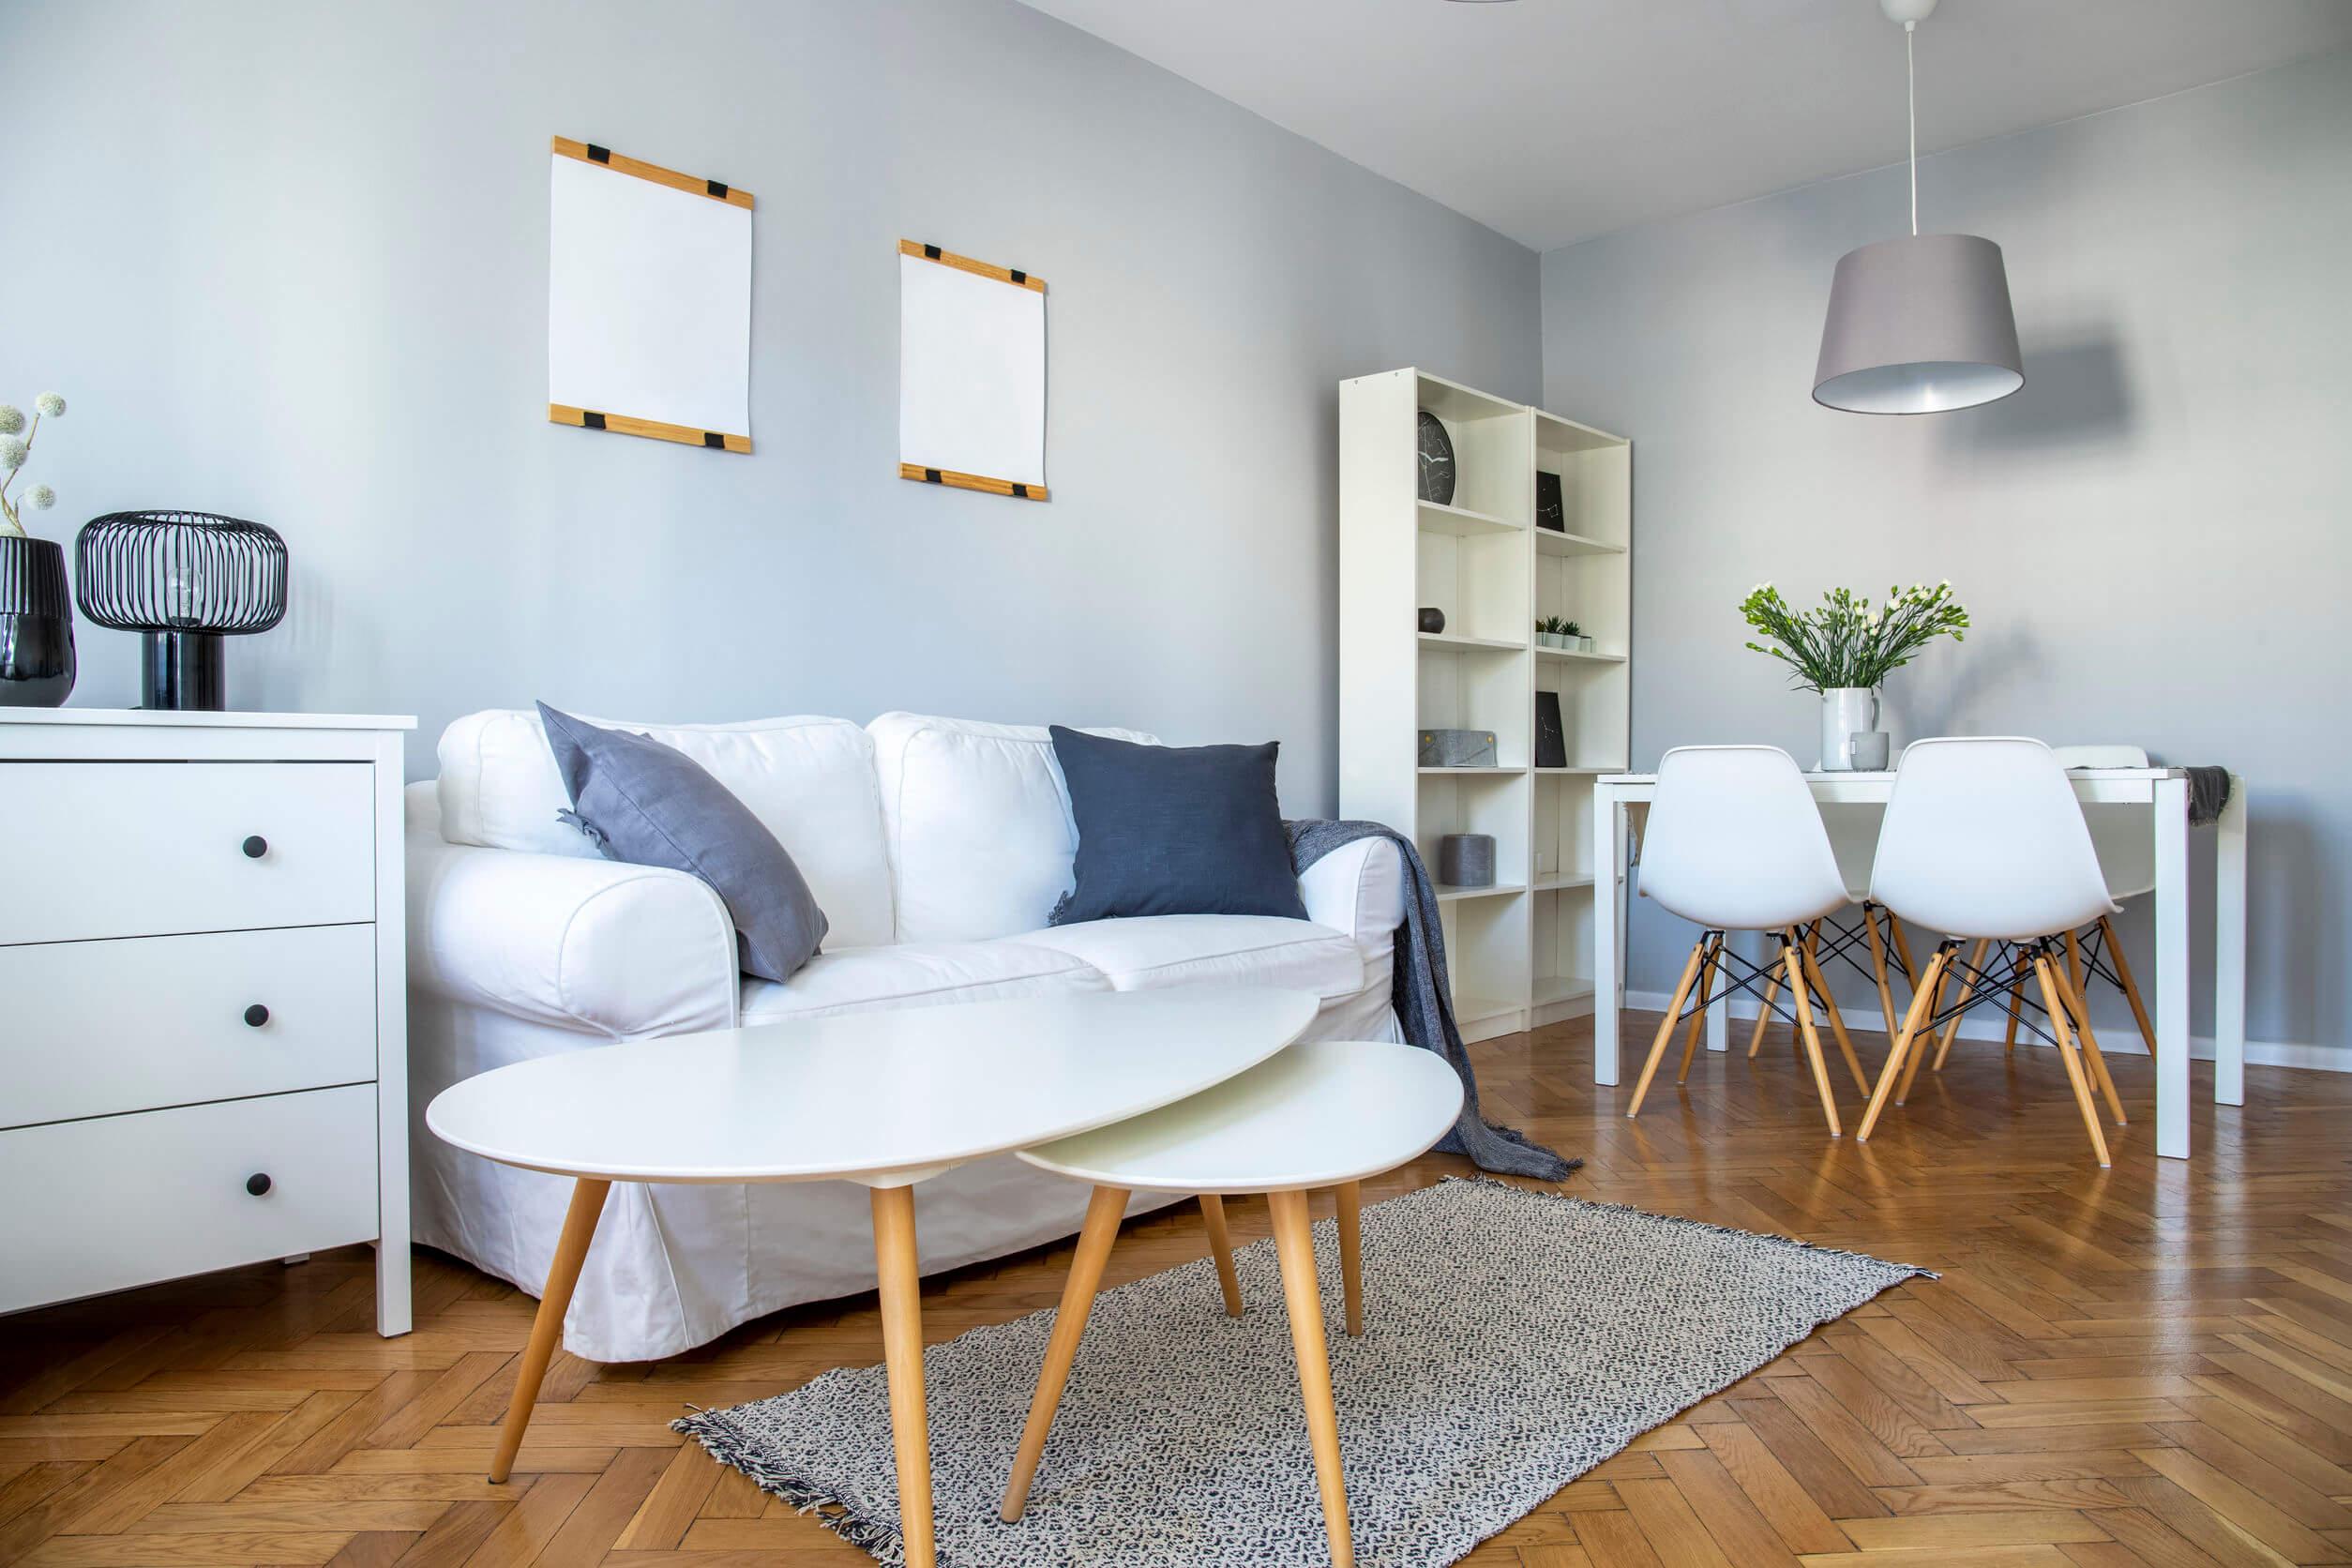 Muebles low cost de los que vas a enamorarte